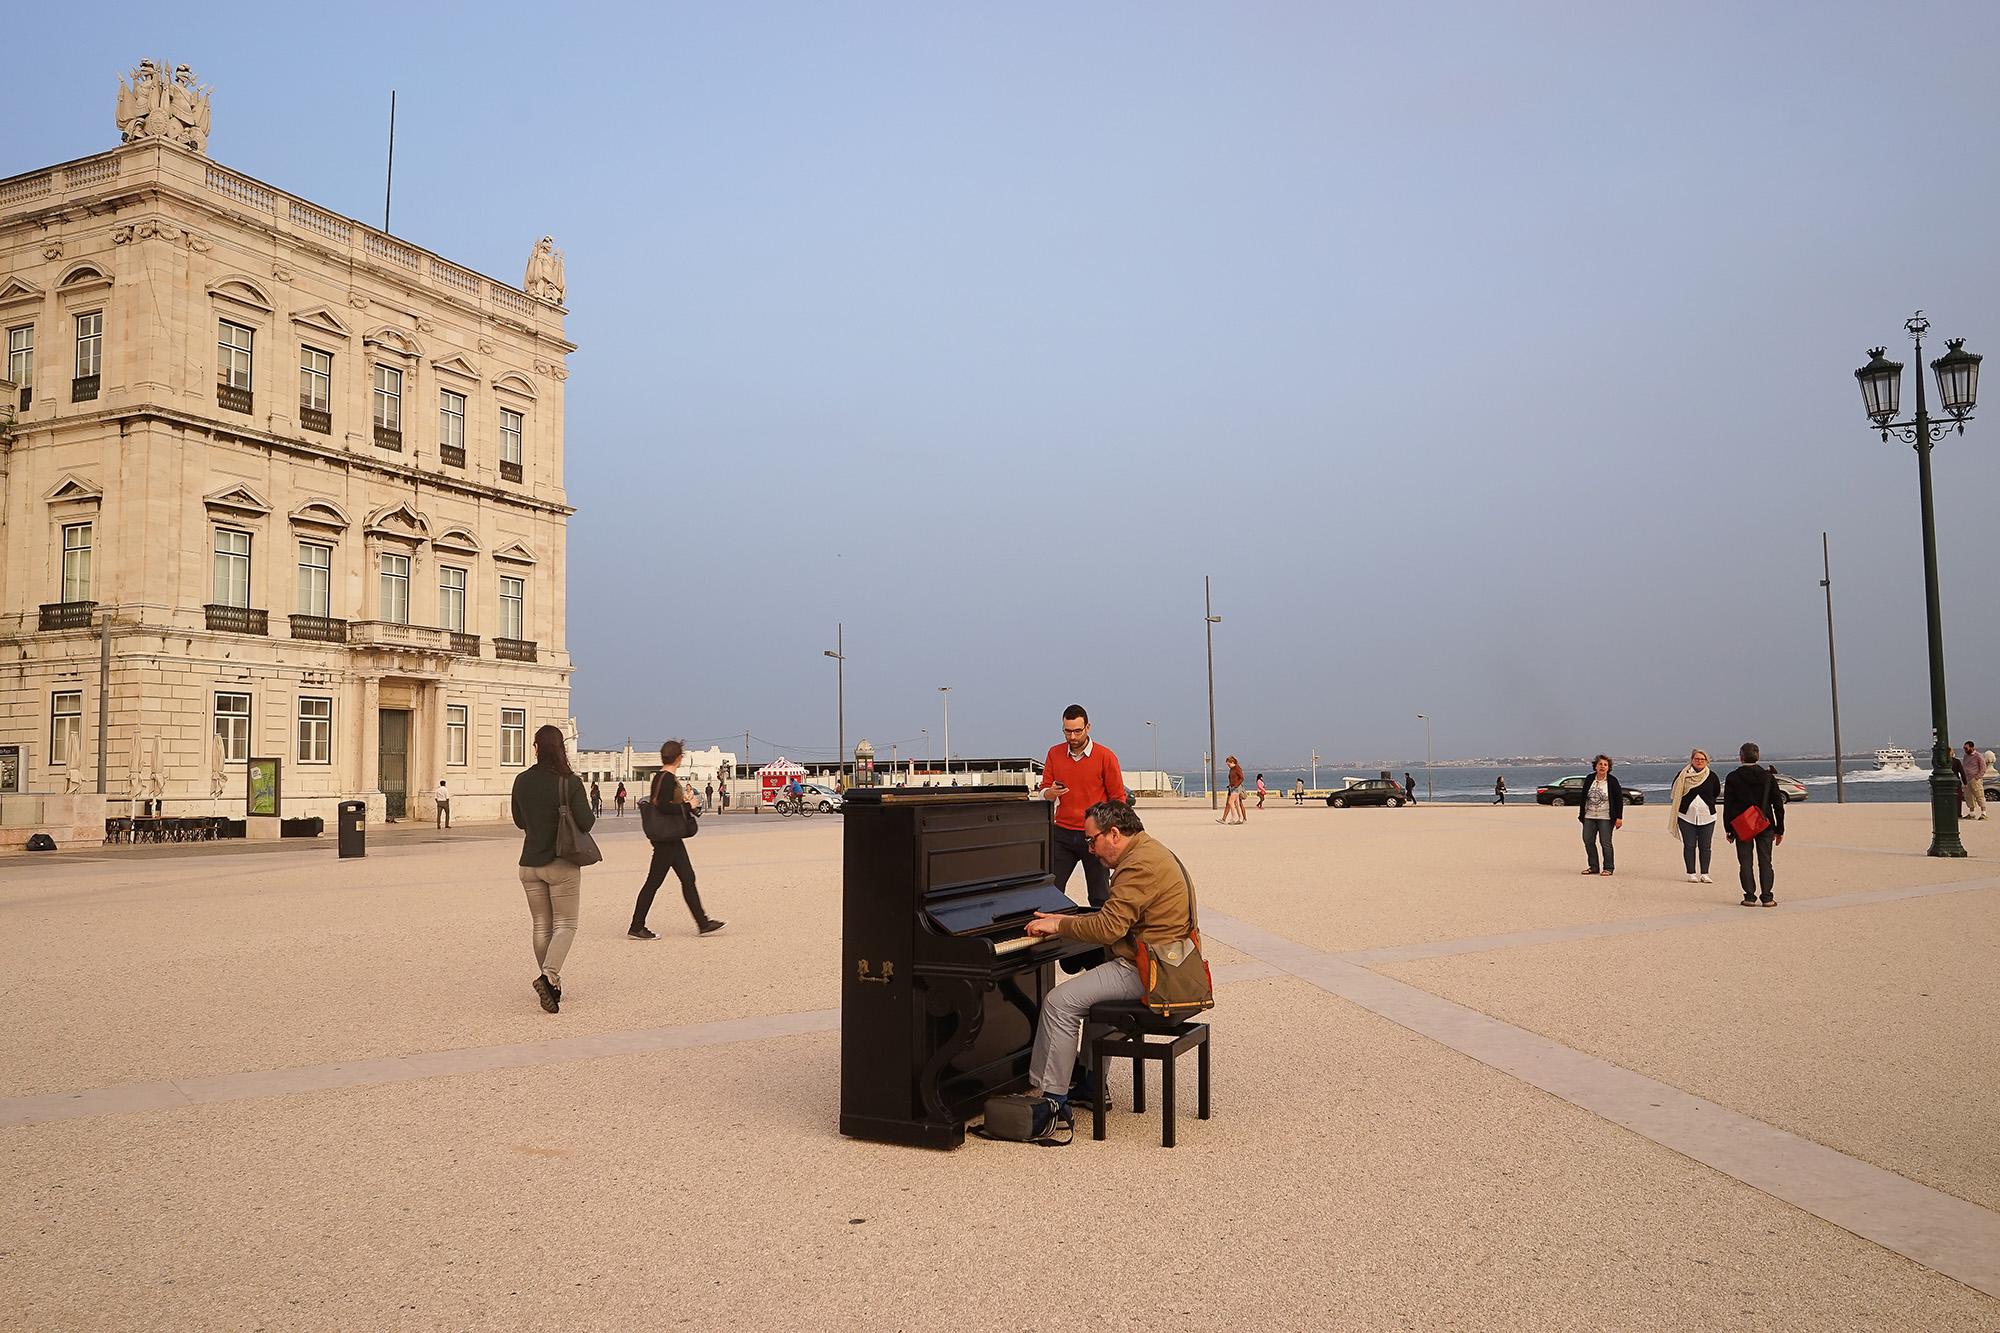 Um piano com um homem a tocar, na Praça do Comércio, de lado para o observador, entre o Torreão, do lado esquerdo, e um candeeiro, à direita.